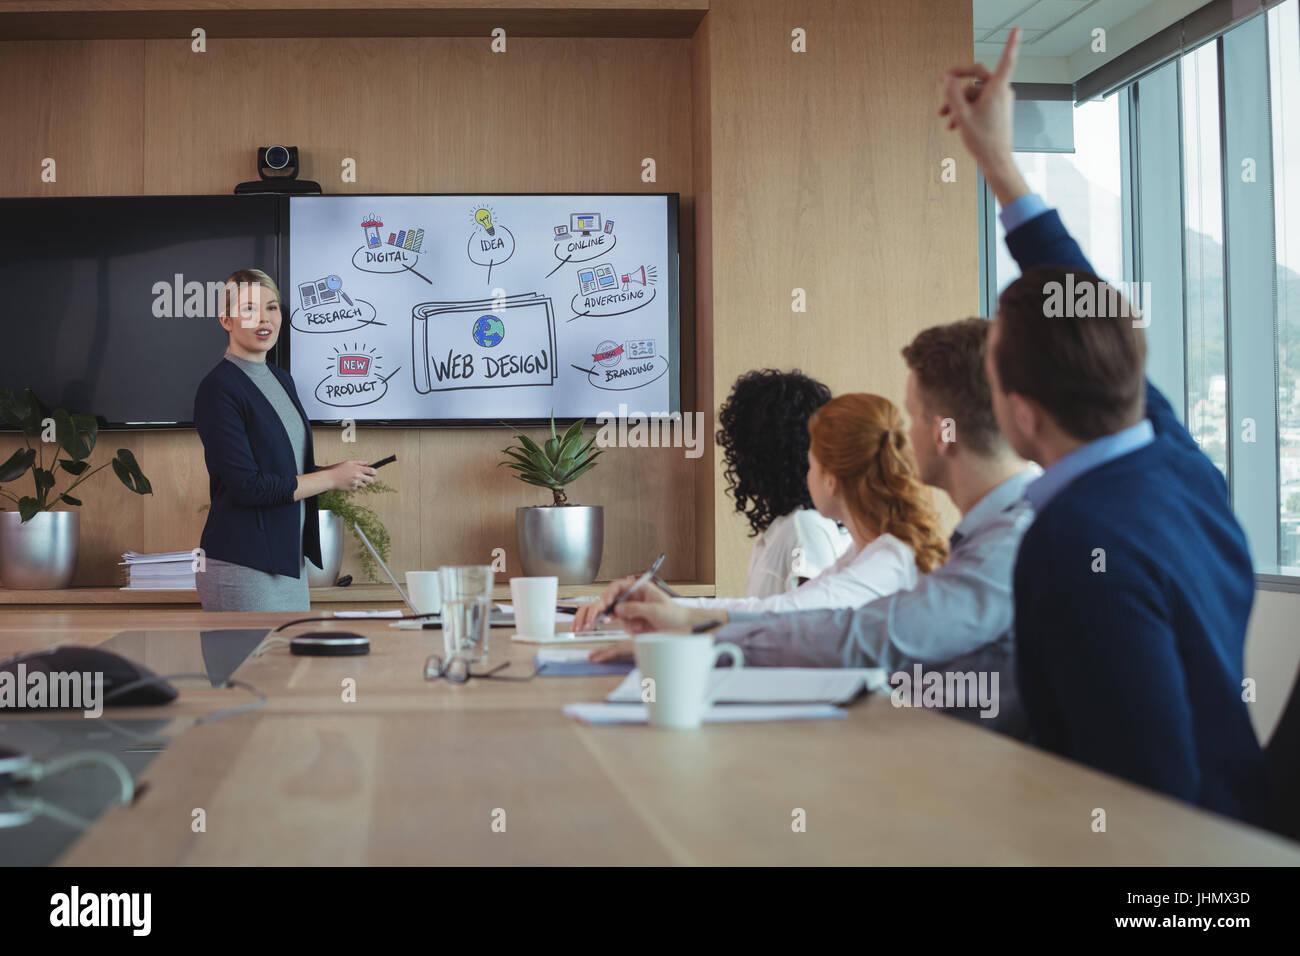 La empresaria interactuando con el equipo durante la reunión en la mesa de conferencias en la sala de la junta Imagen De Stock